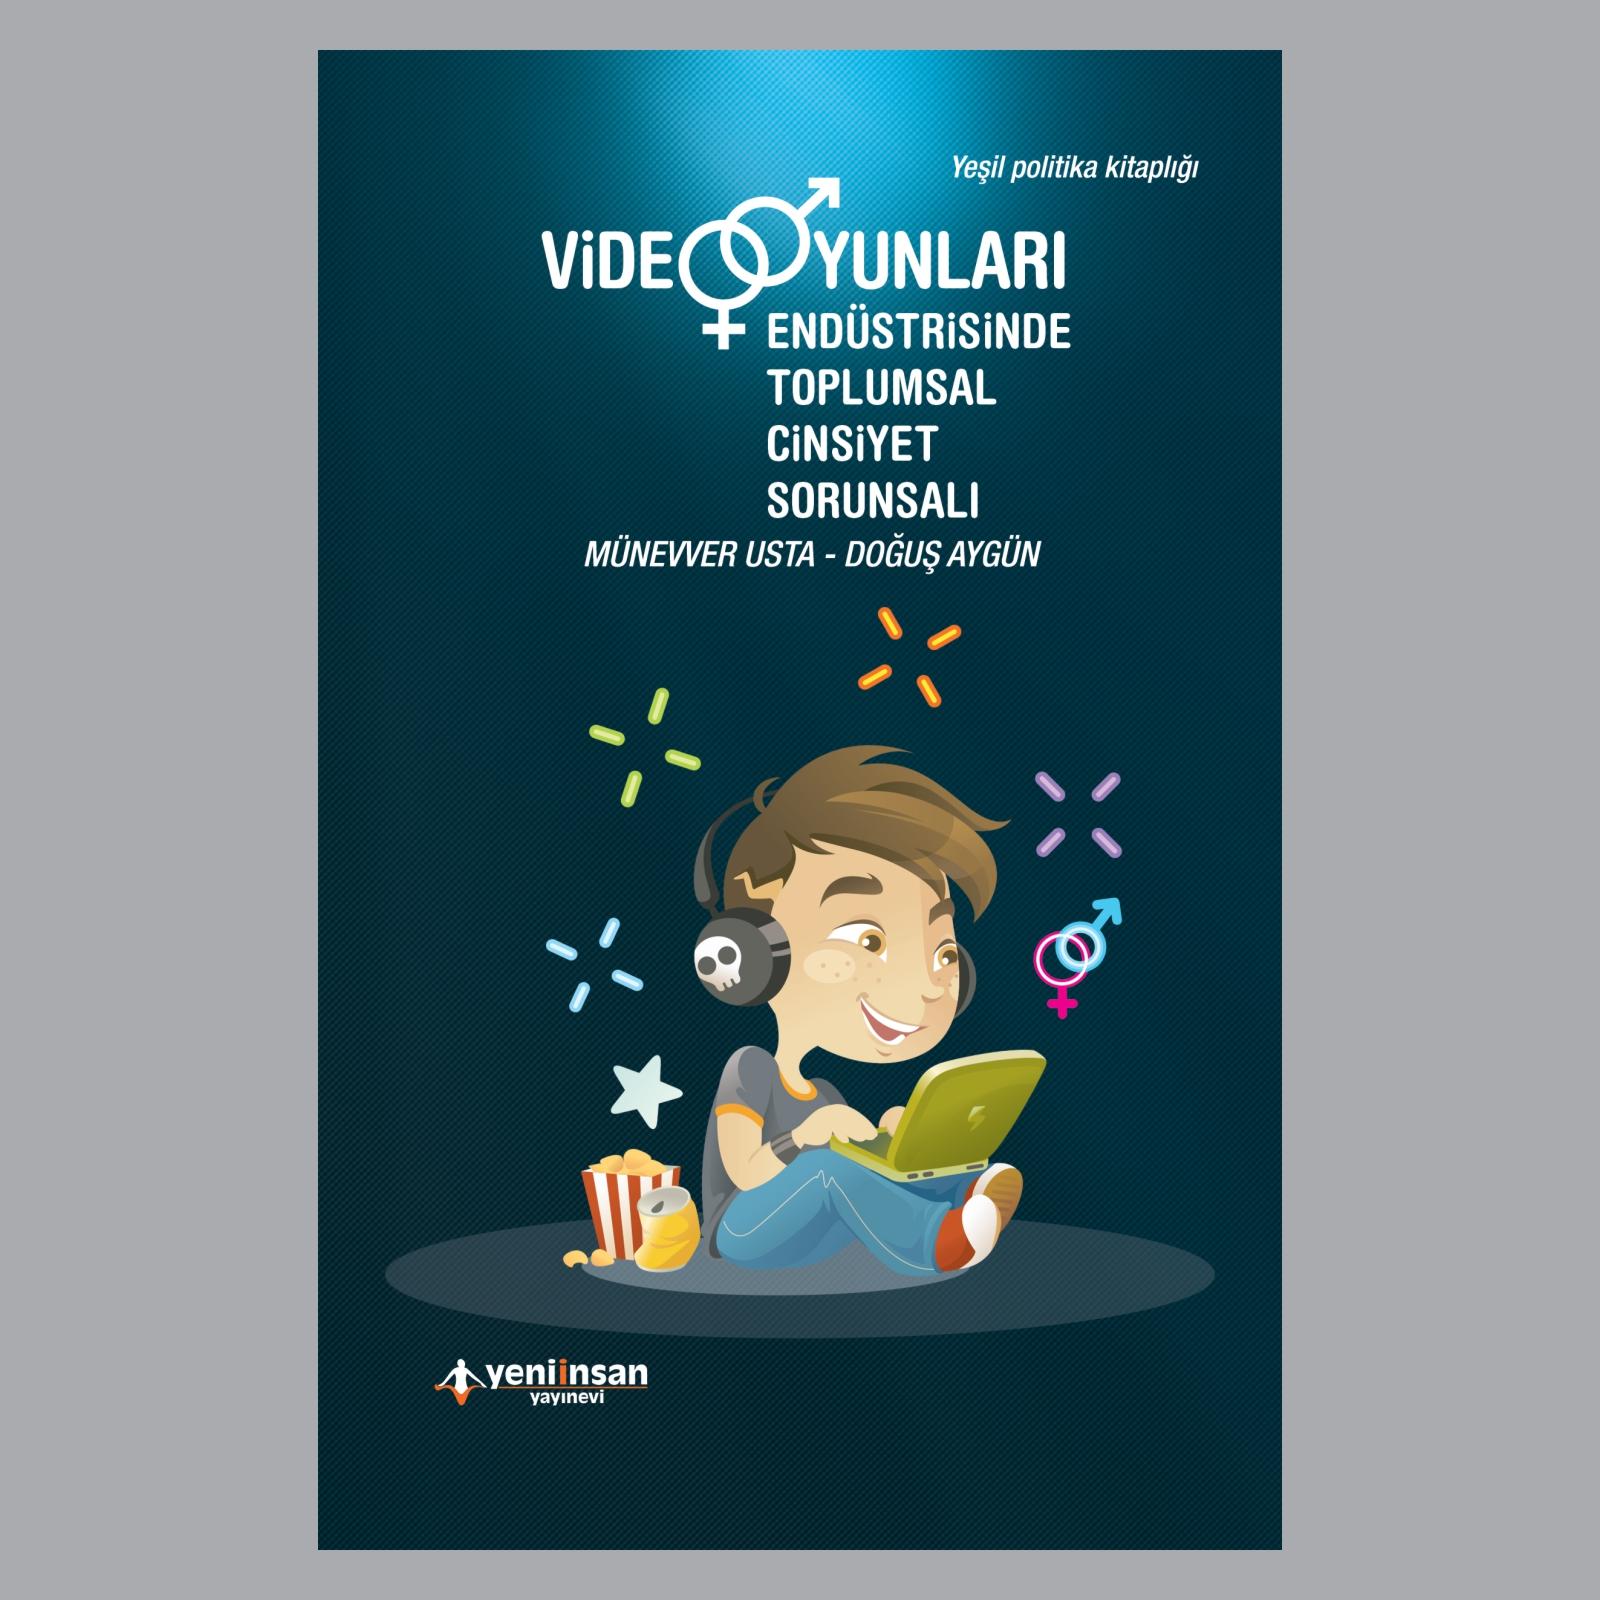 WebGörsel-Video